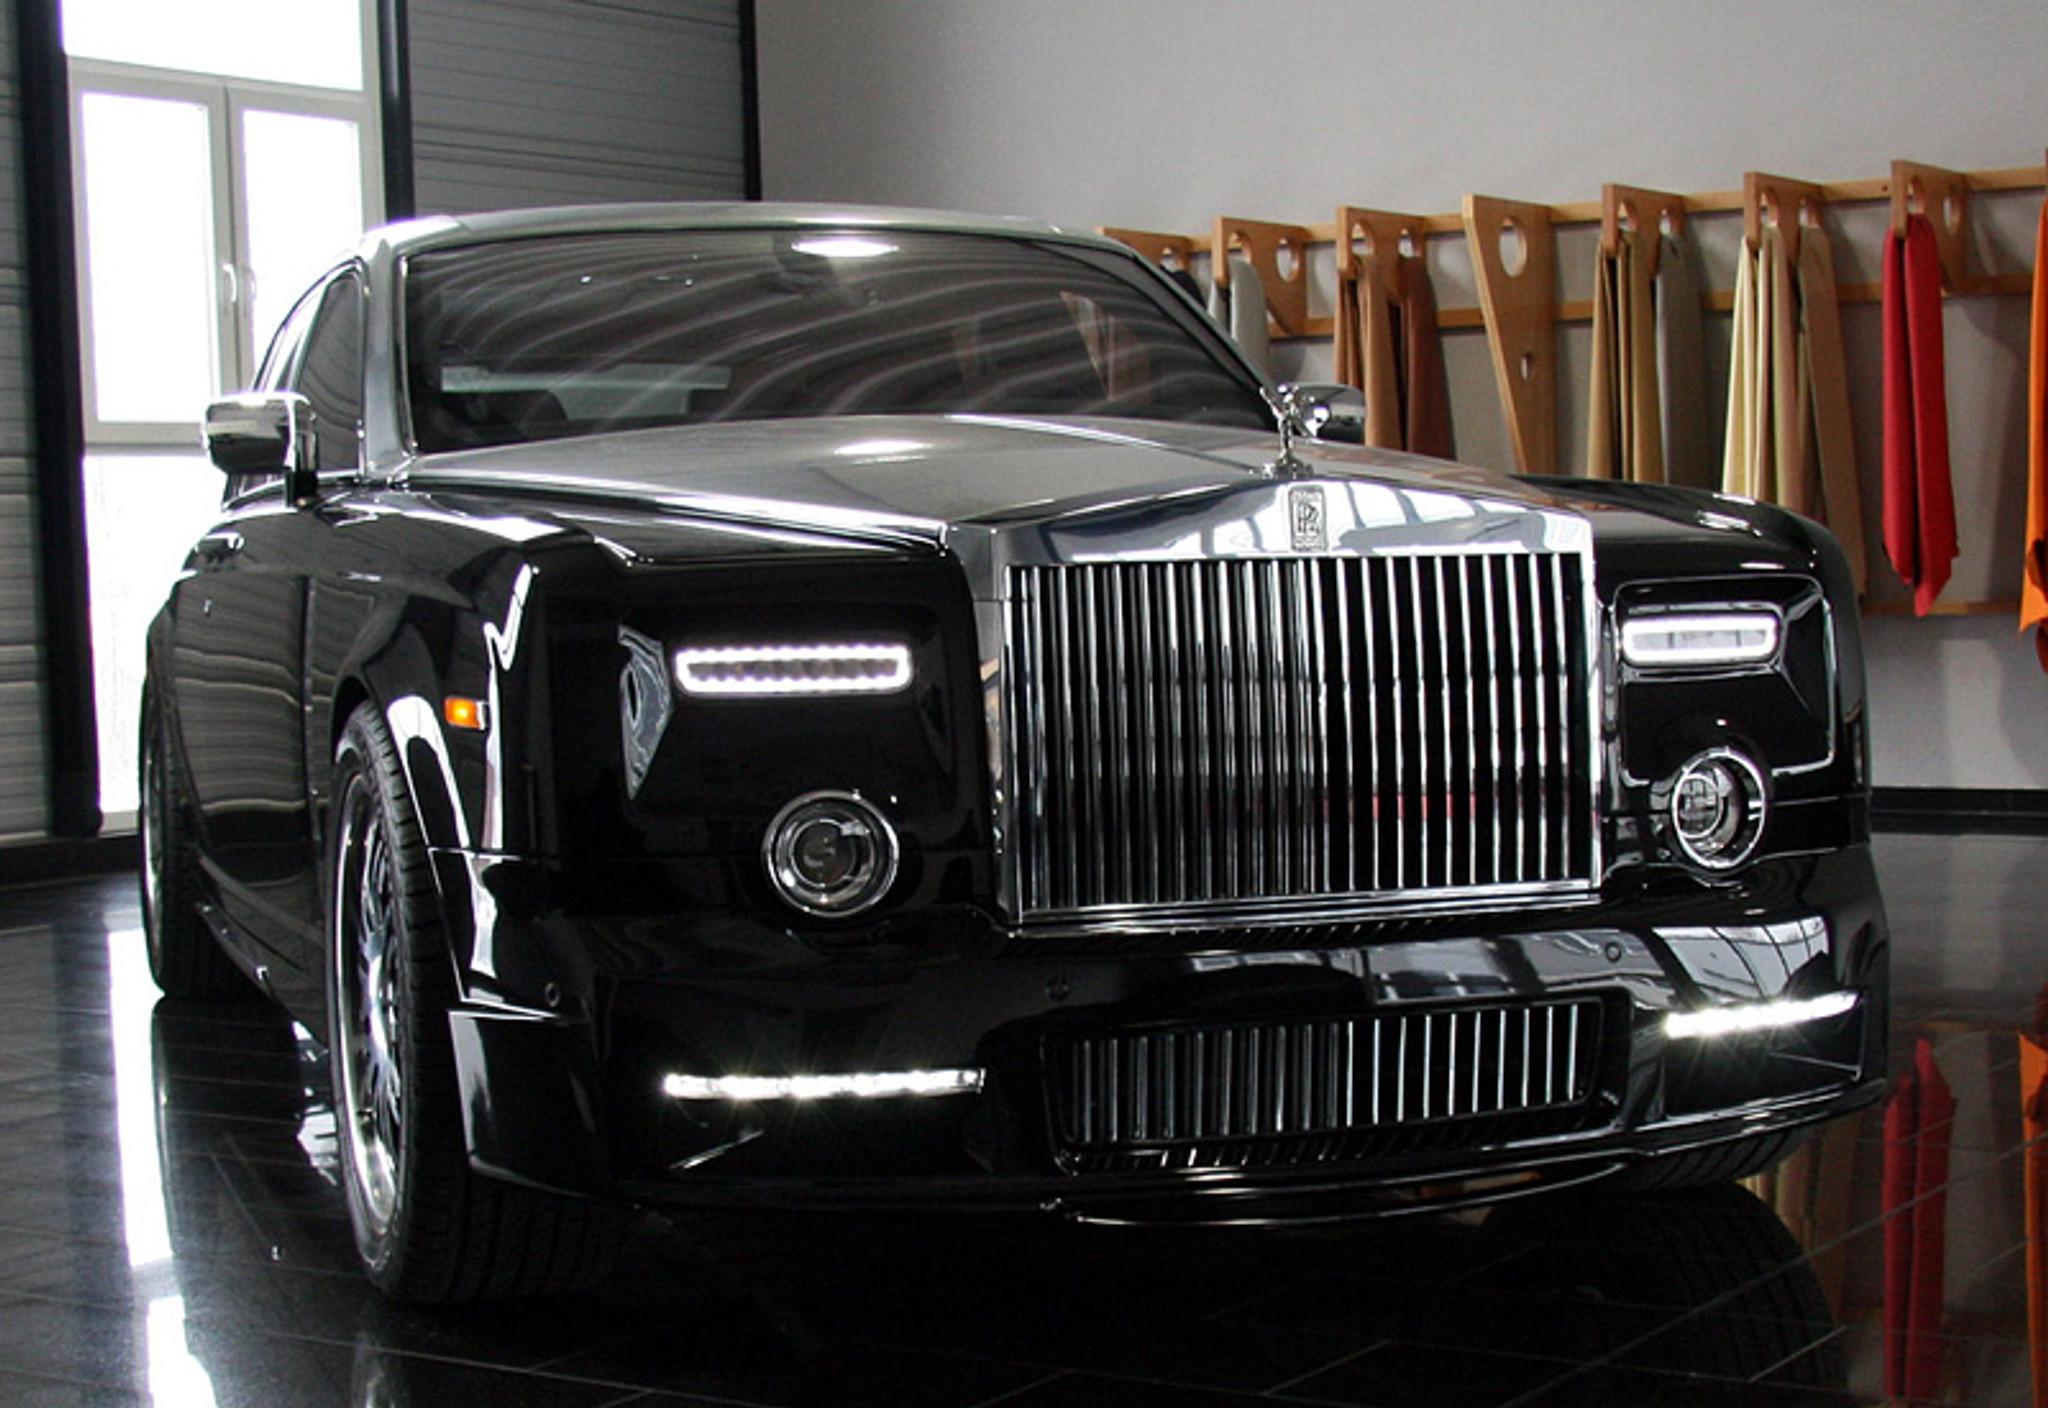 Rolls Royce Phantom Mansory Style Body Kit - Meduza Design Ltd